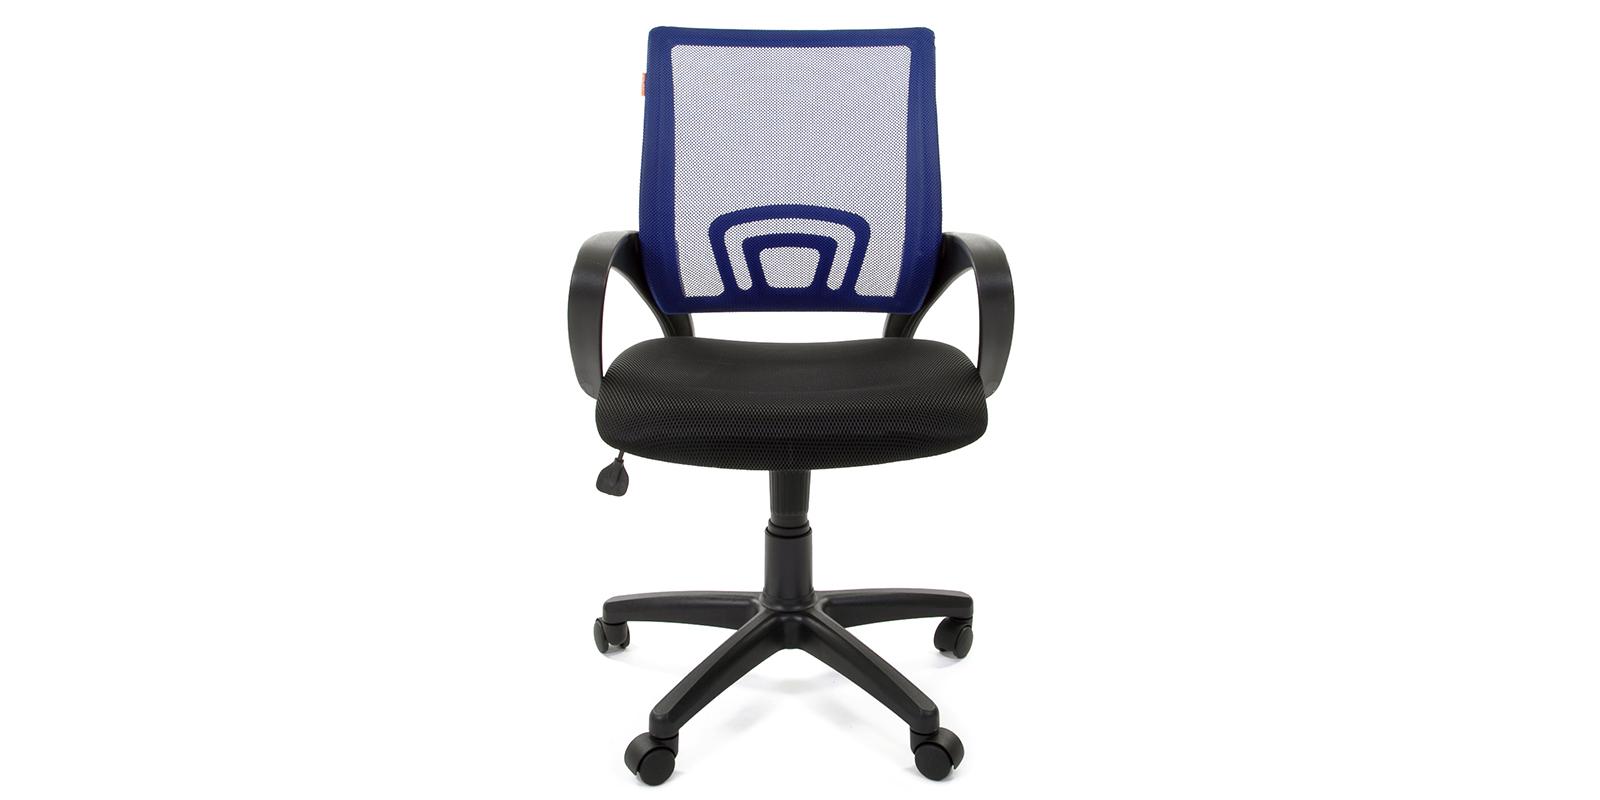 Chairman 696 (черный/синий) от HomeMe.ru